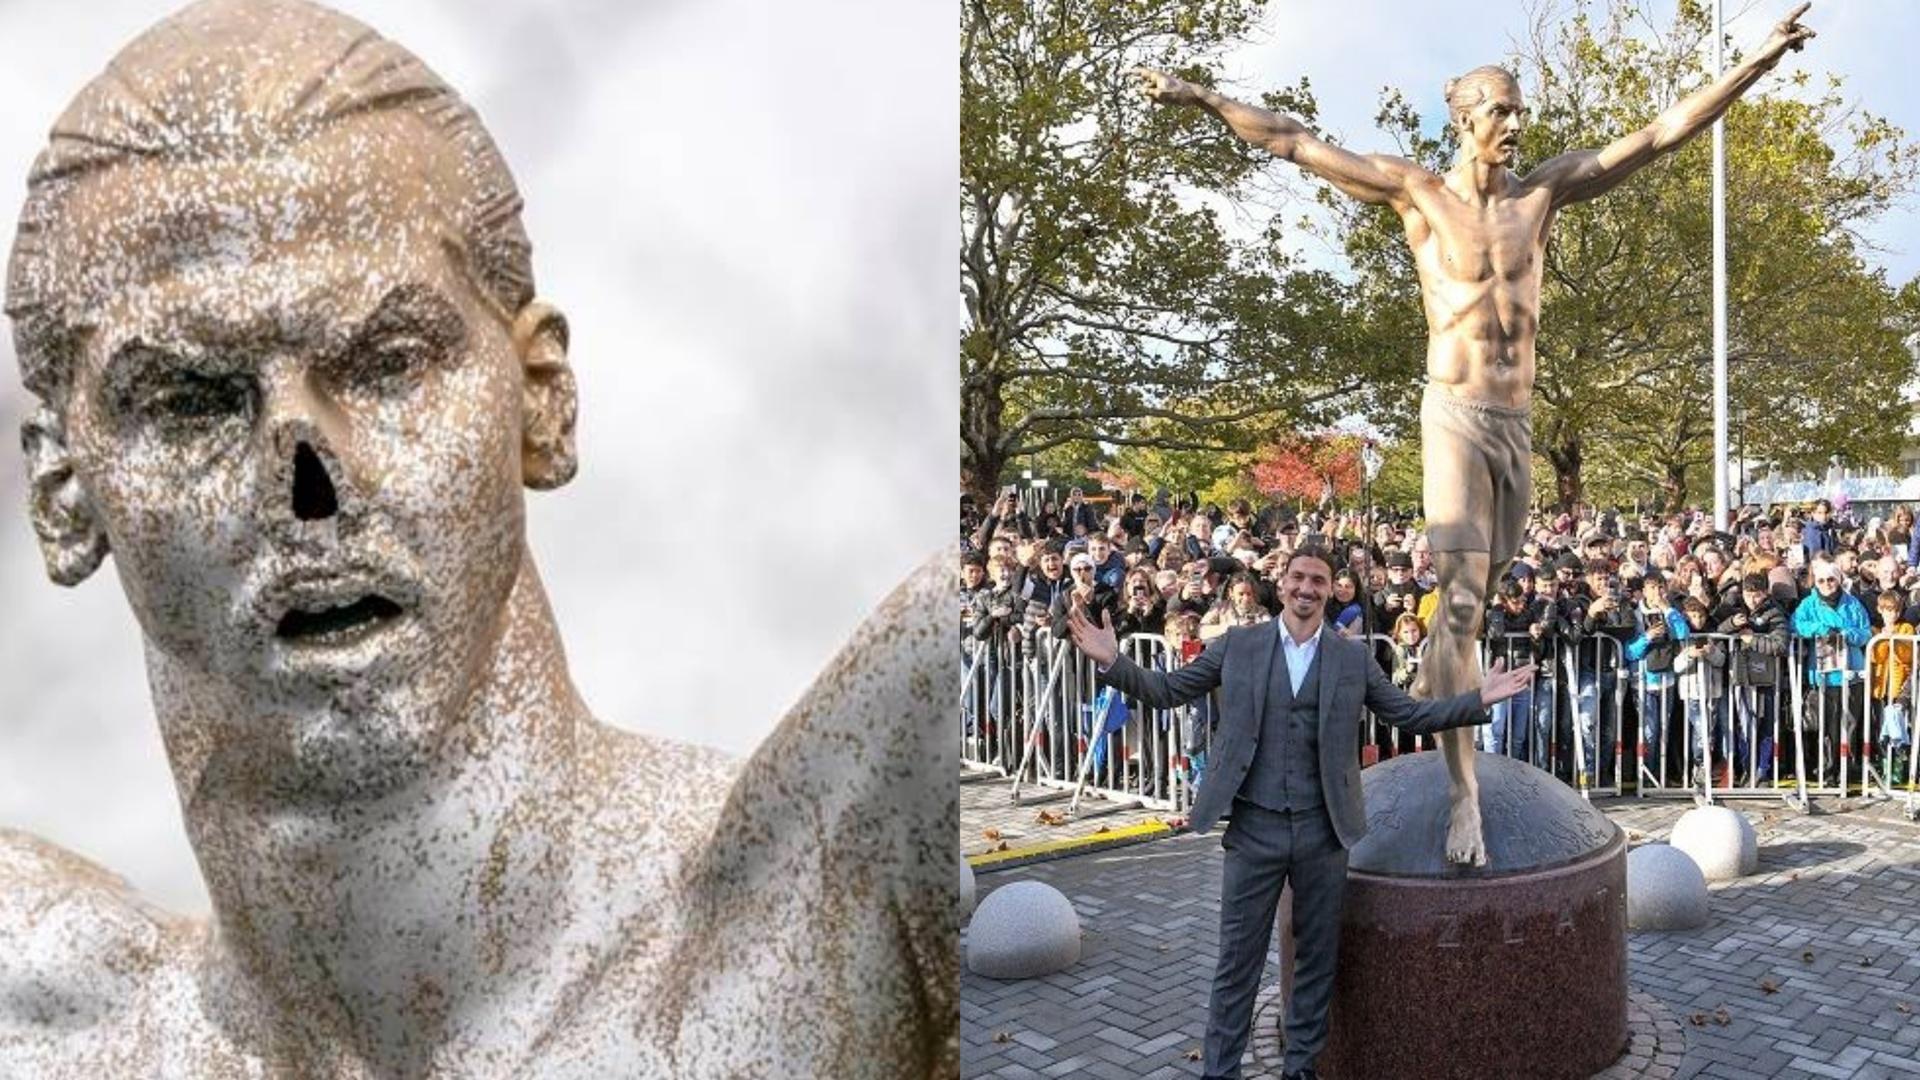 سلسلة التخريب المتعمد لتمثال زلاتان تصل لمراحلها القصوى (صورة)